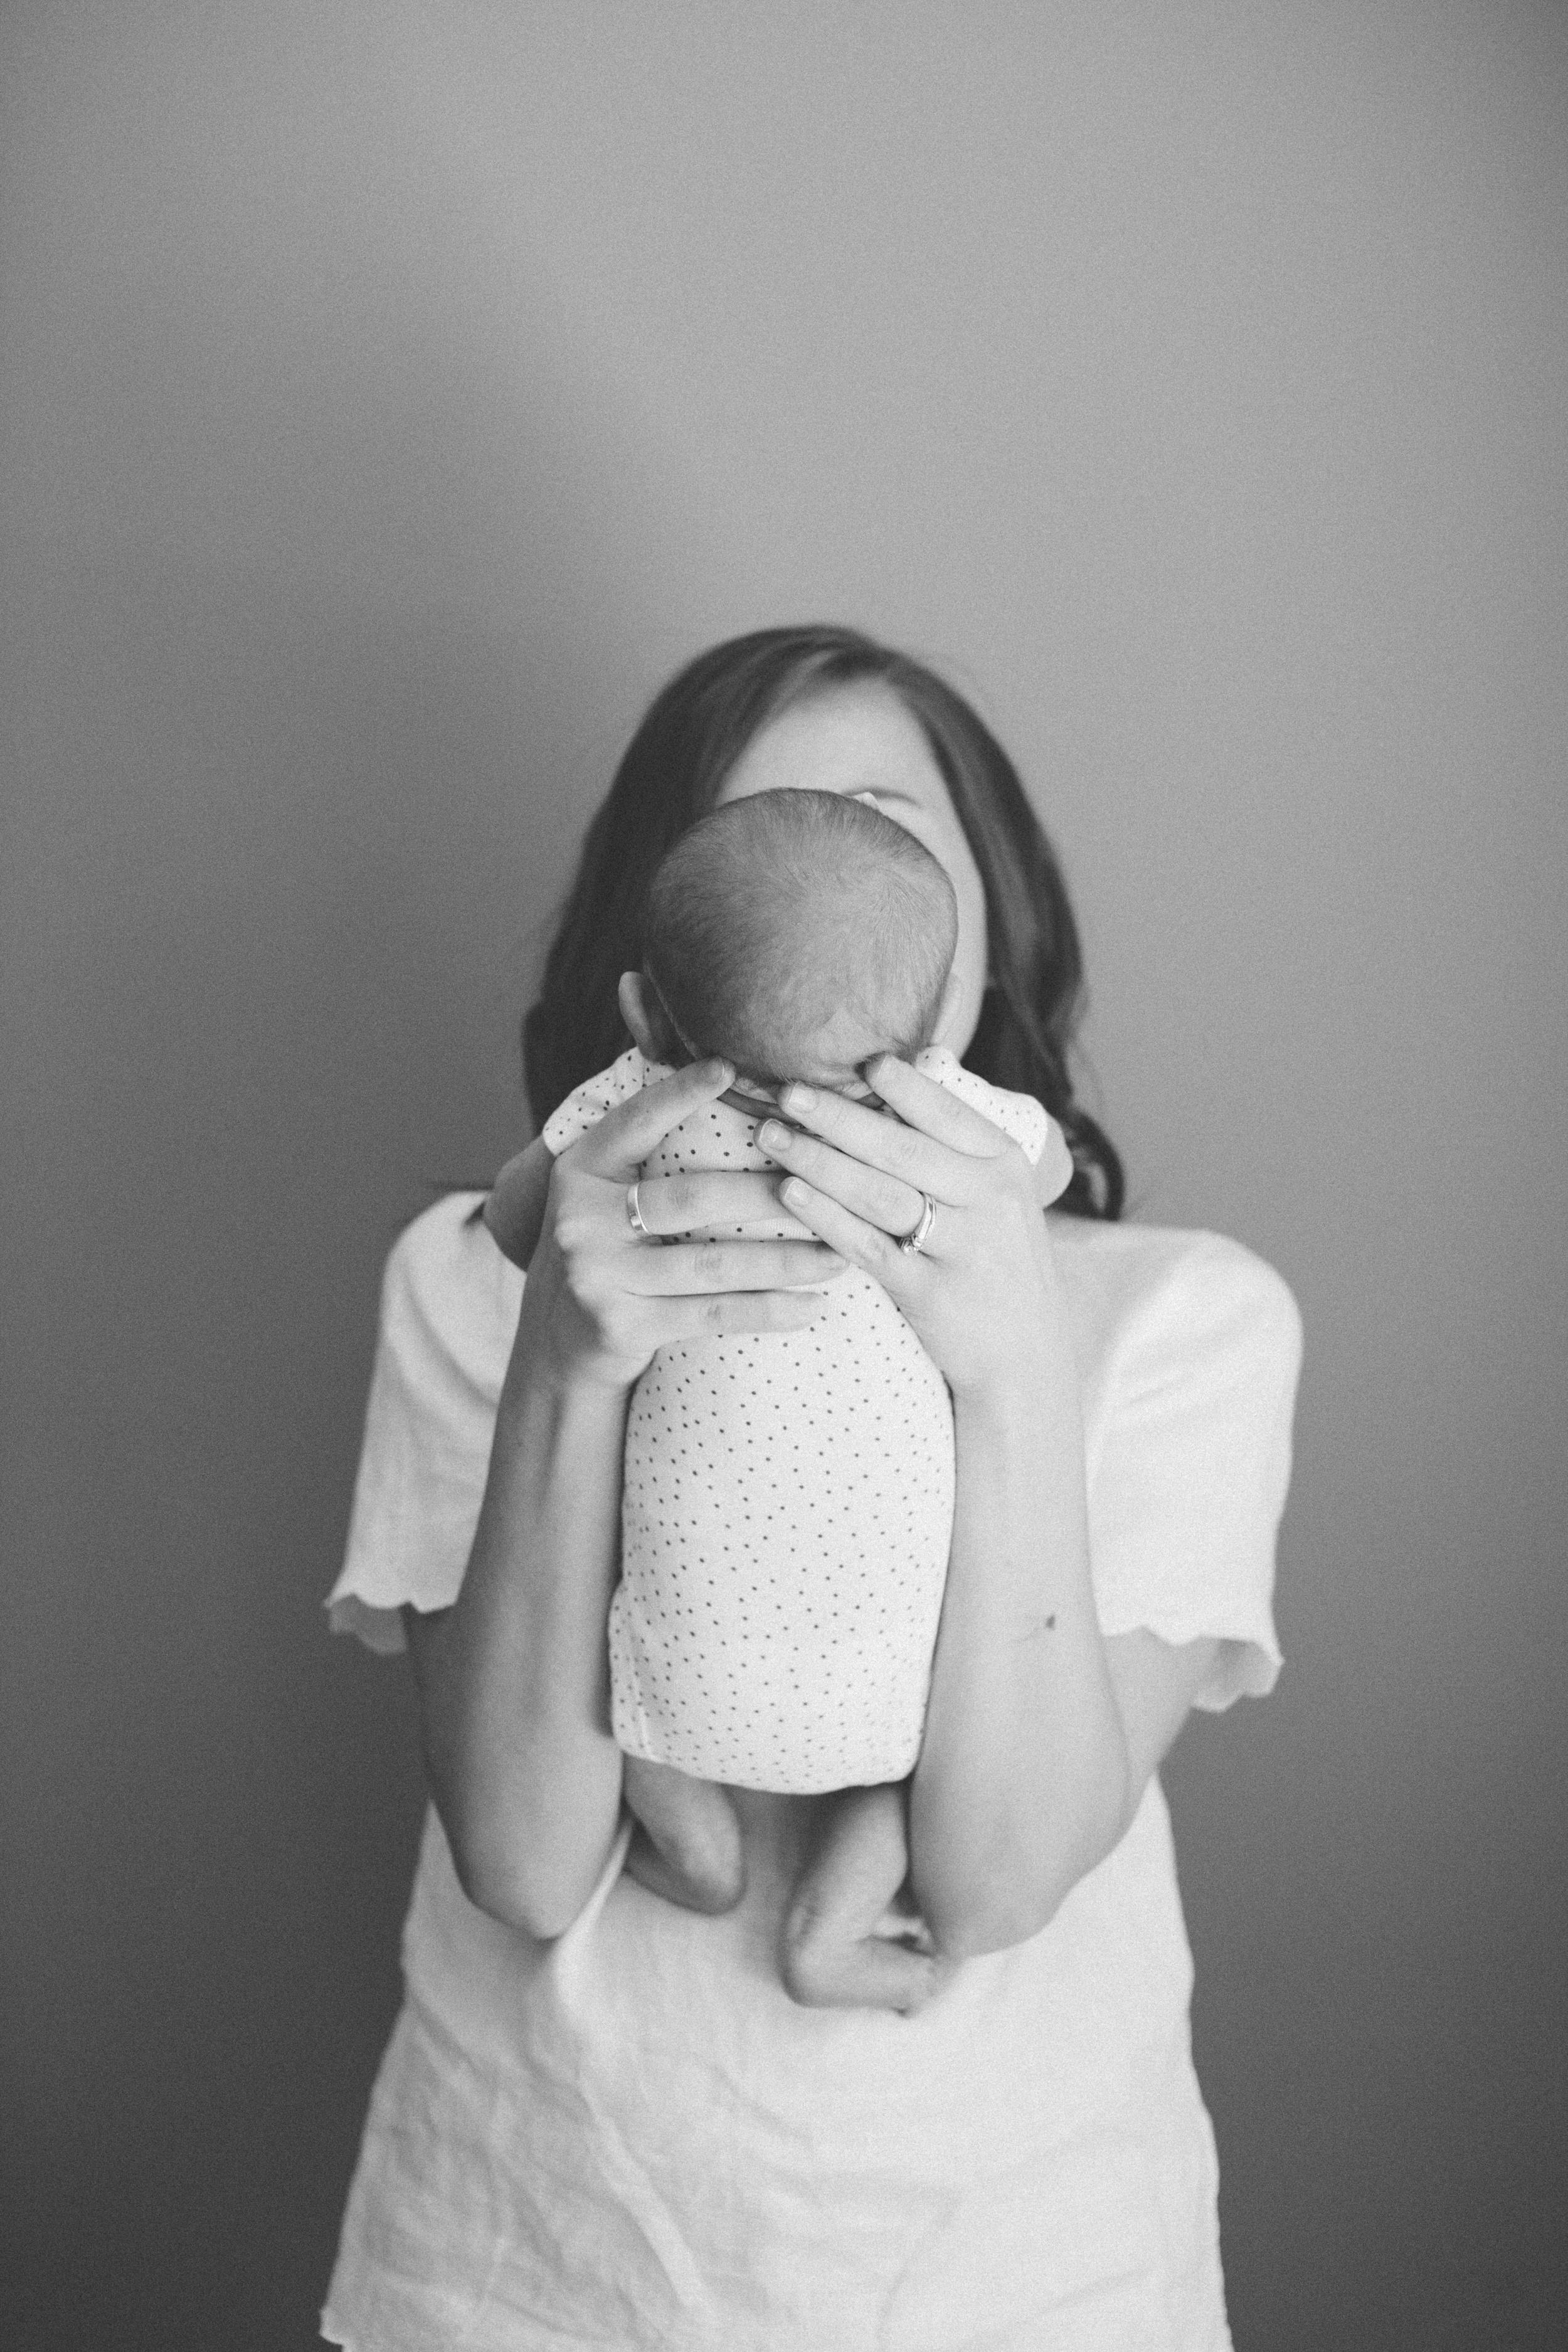 Ana Black and White Newborn by Ariana Clare _15.JPG